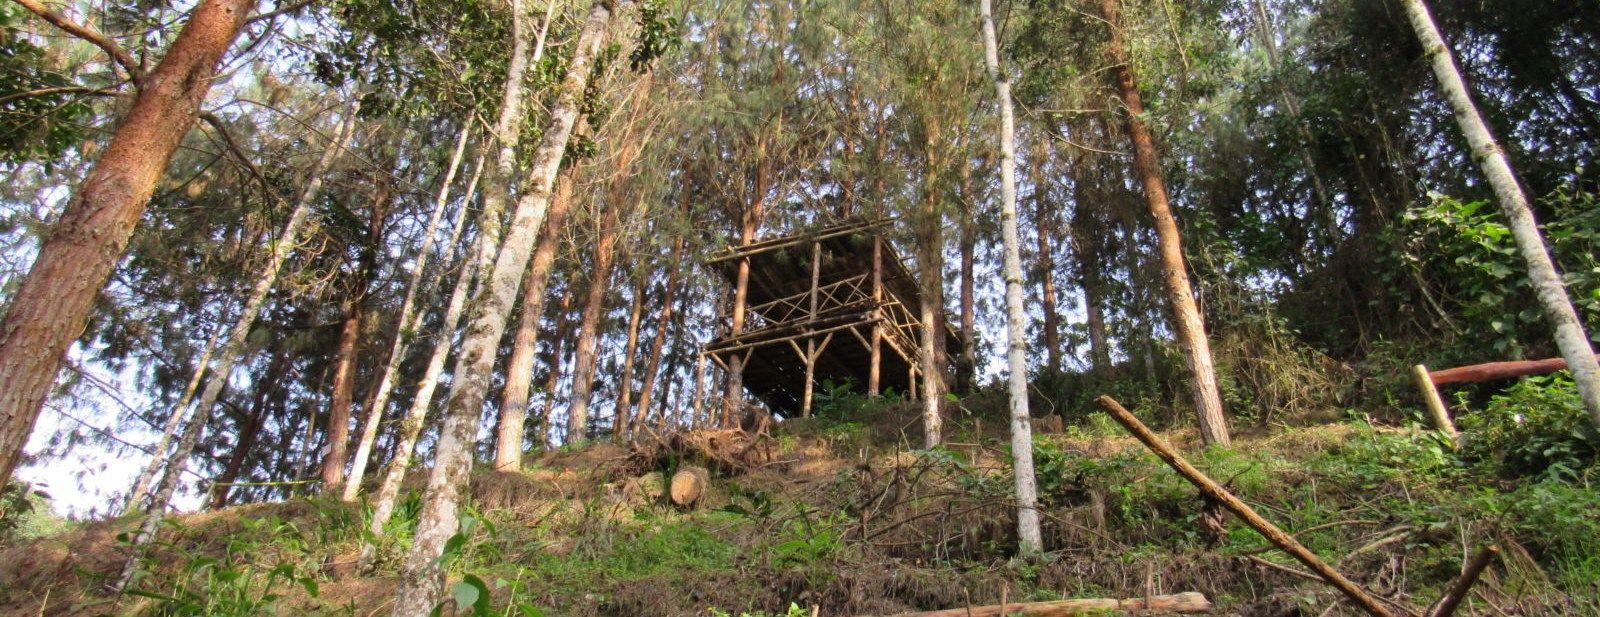 Pasar la noche en Colombia - Entre Pinos – Manizales, Caldas